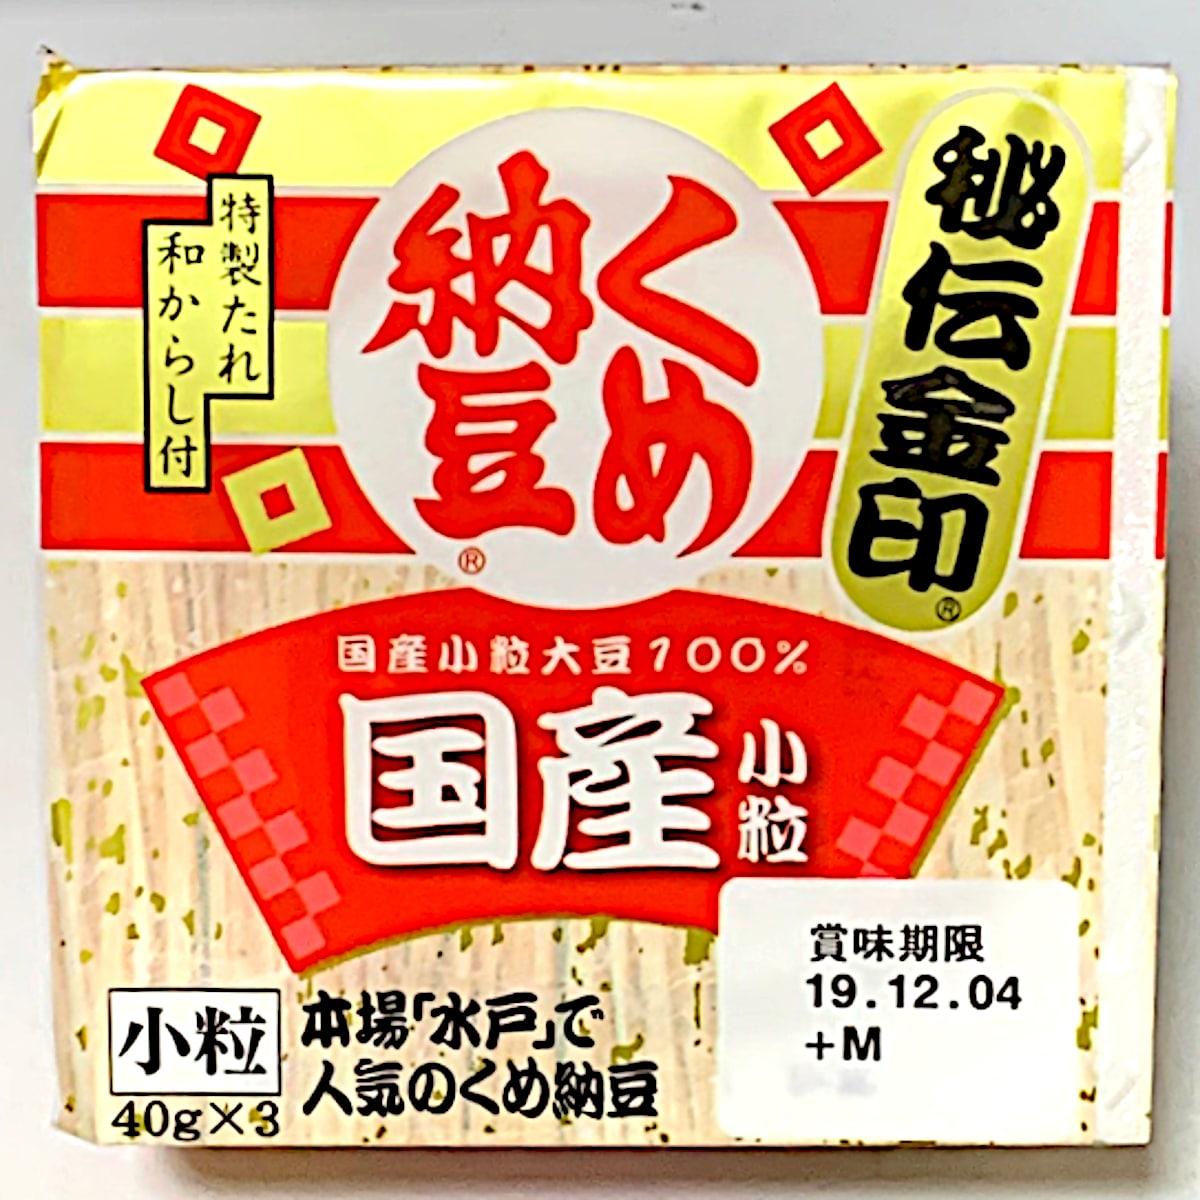 ミツカン「くめ納豆 秘伝金印」